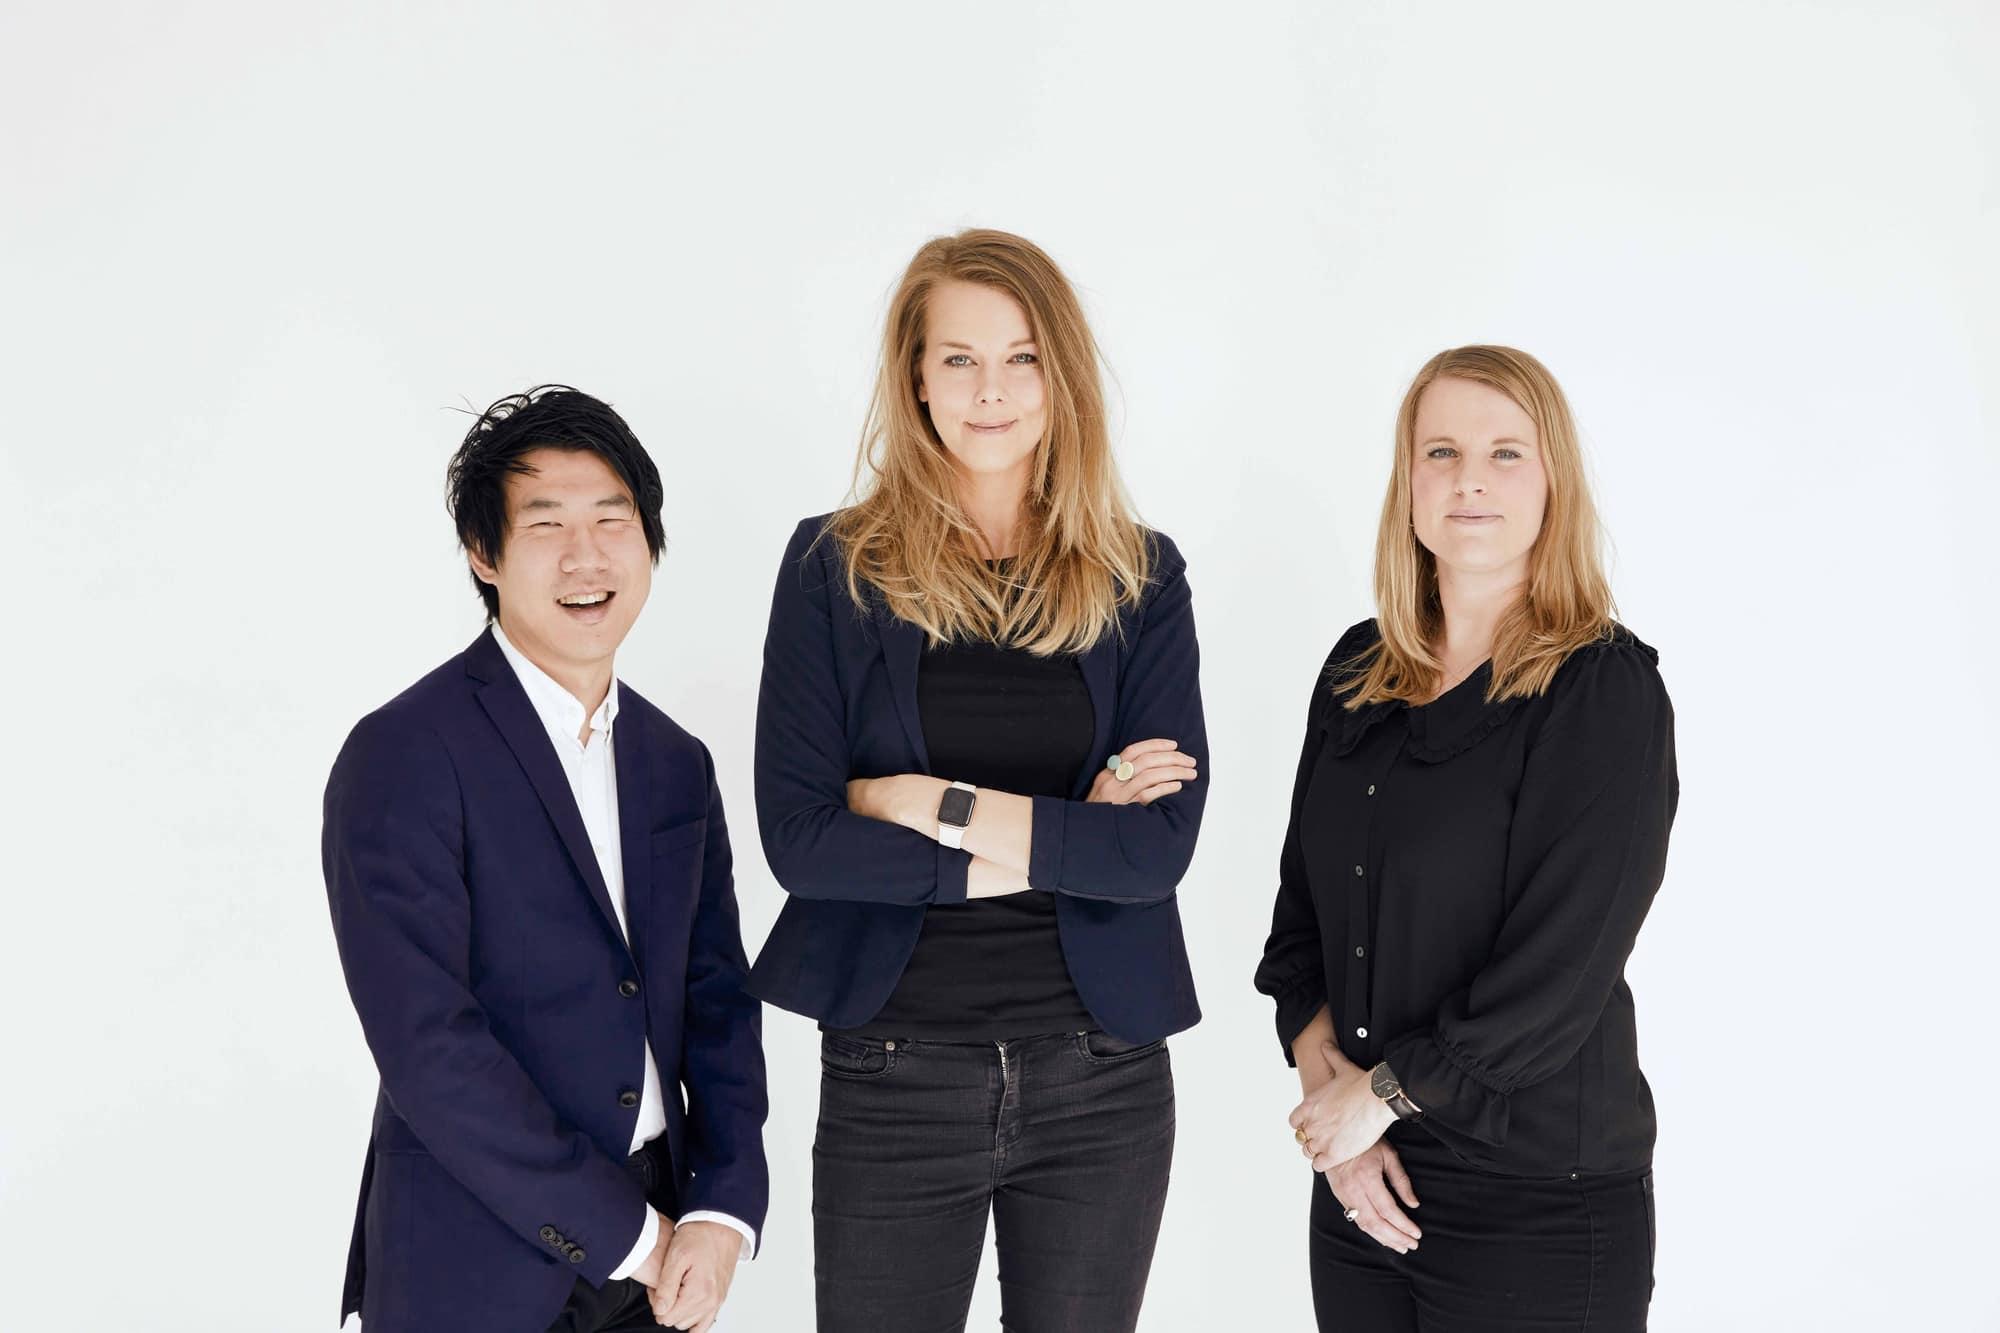 Et billede af Jacob Nossell til venstre, Signe Daugaard i midten og Katrine Larsen til højre. De stå foran en hvid væg